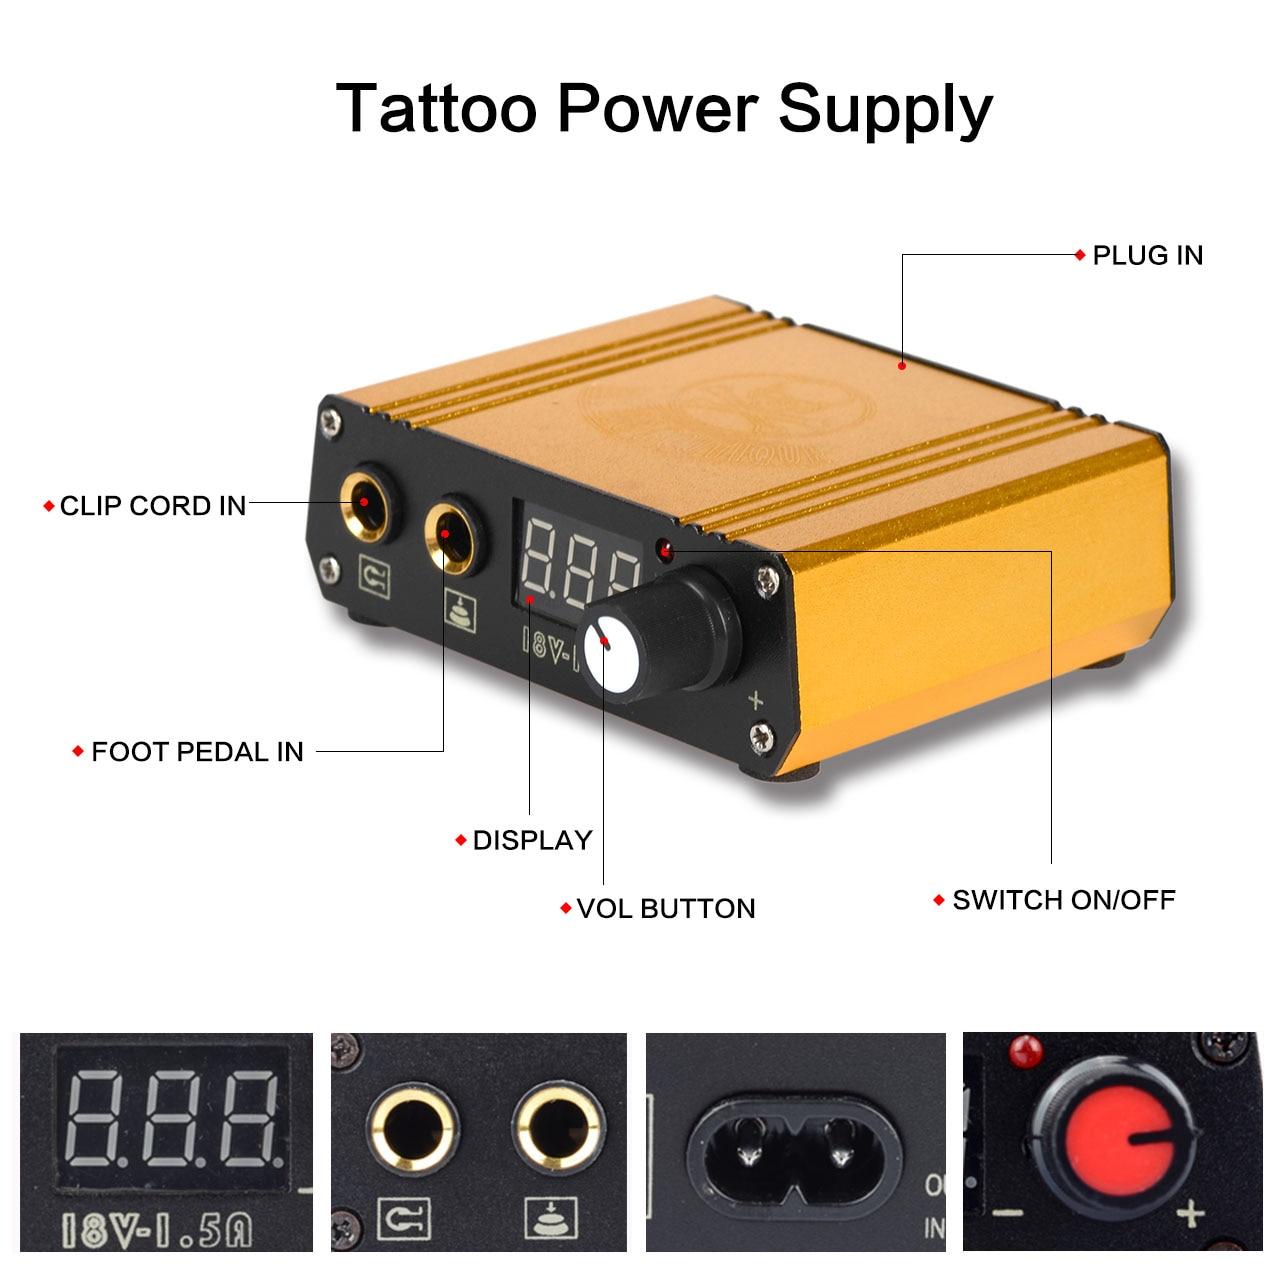 Профессиональный роторный тату-пулемет, набор для тату, машинка для перманентного макияжа тела, цветные чернила, источник питания, картридж, иглы 3